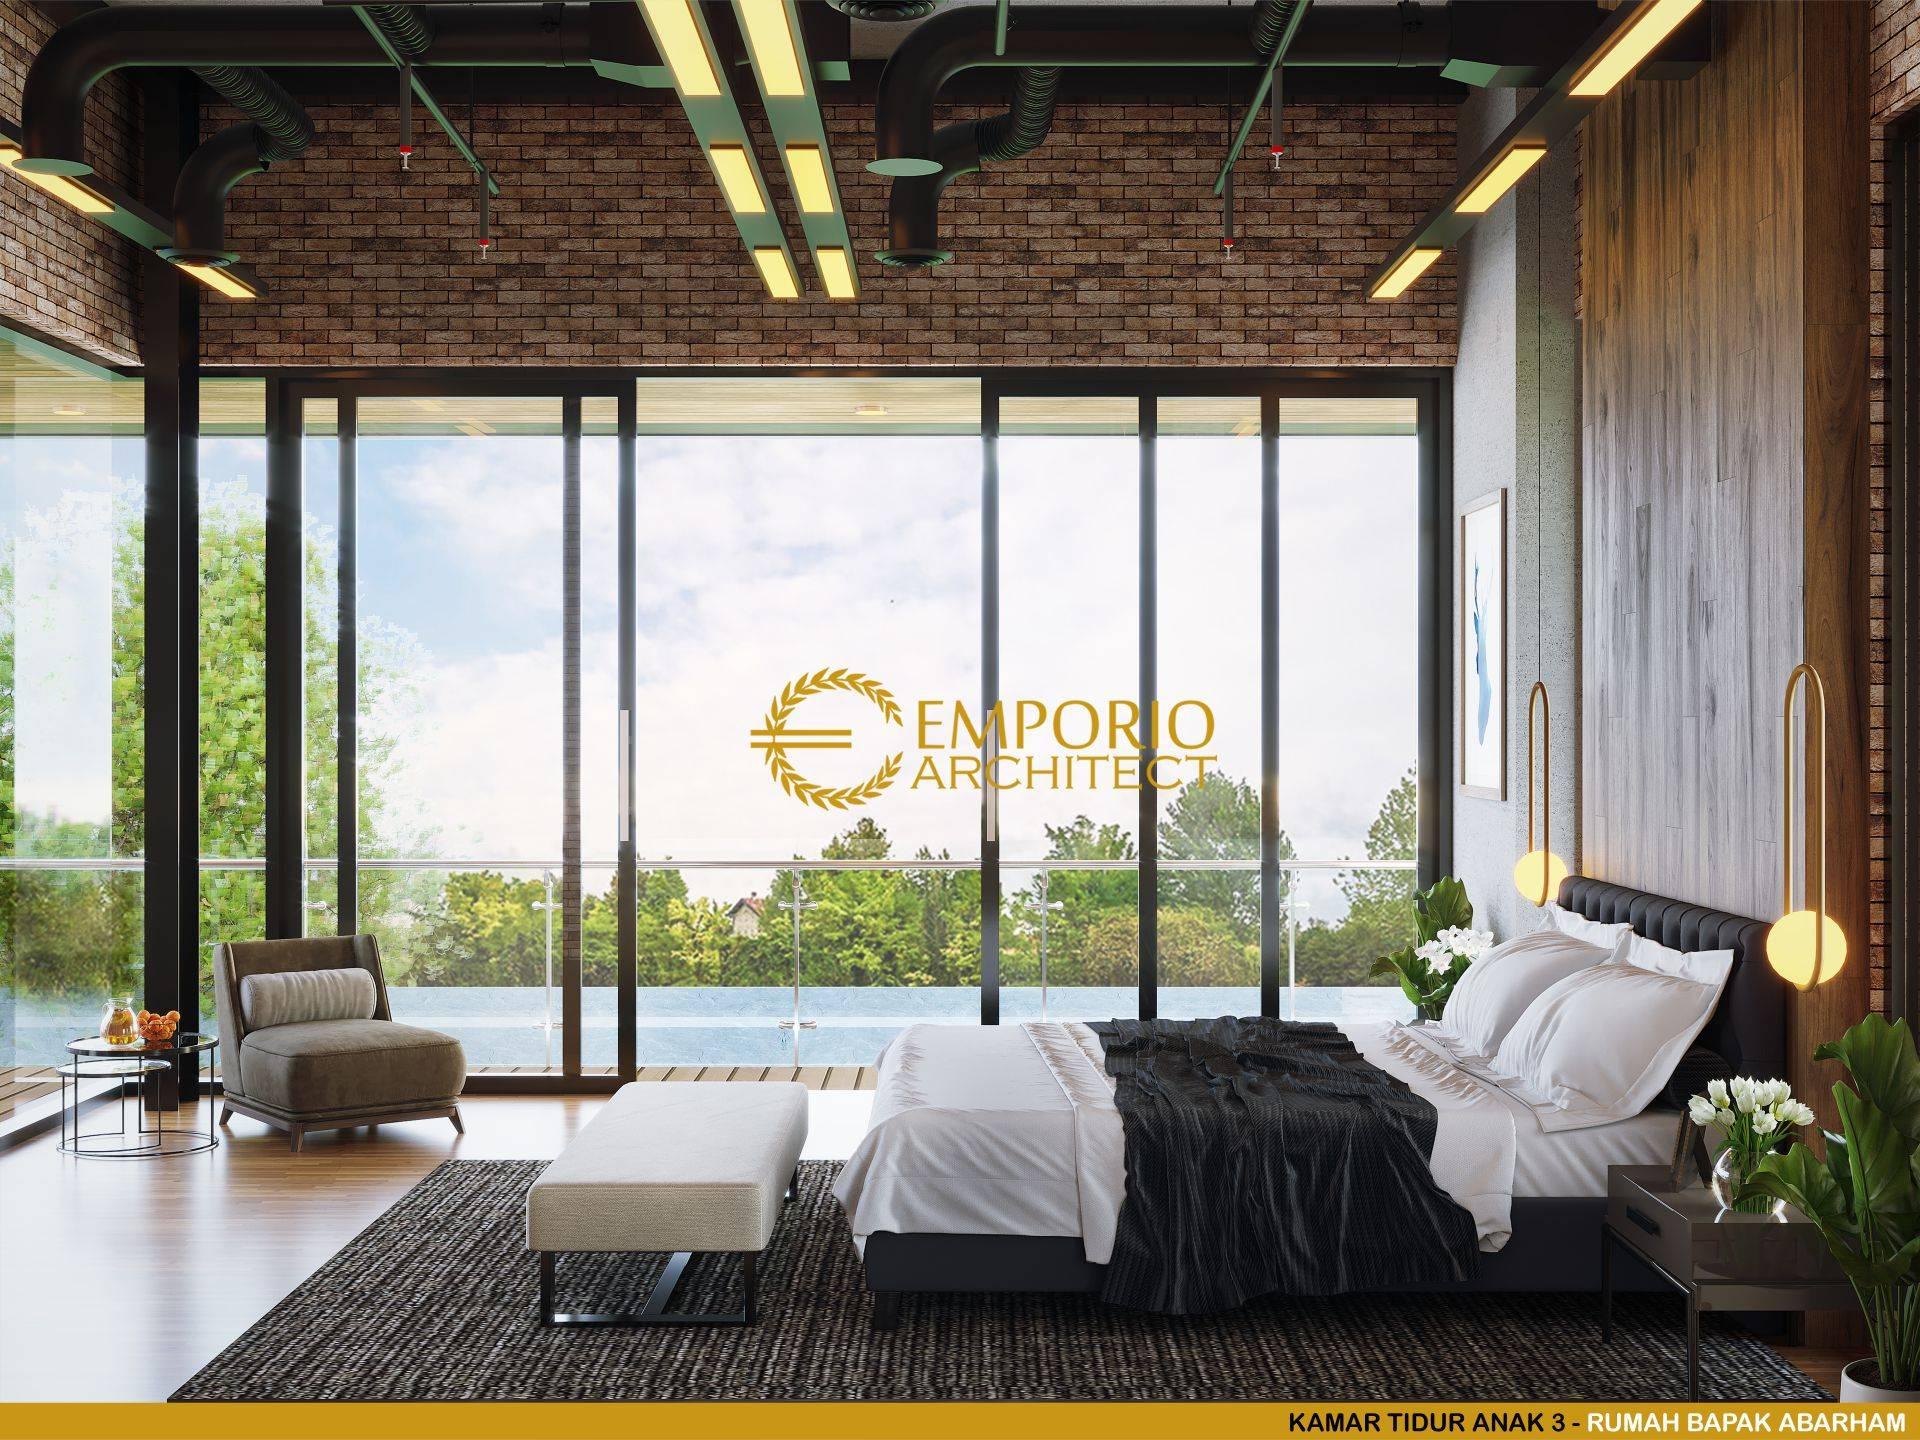 10 Variasi Warna Untuk Tampilan Akhir Dinding Bata Ekspos Pada Interior Rumah Part 2